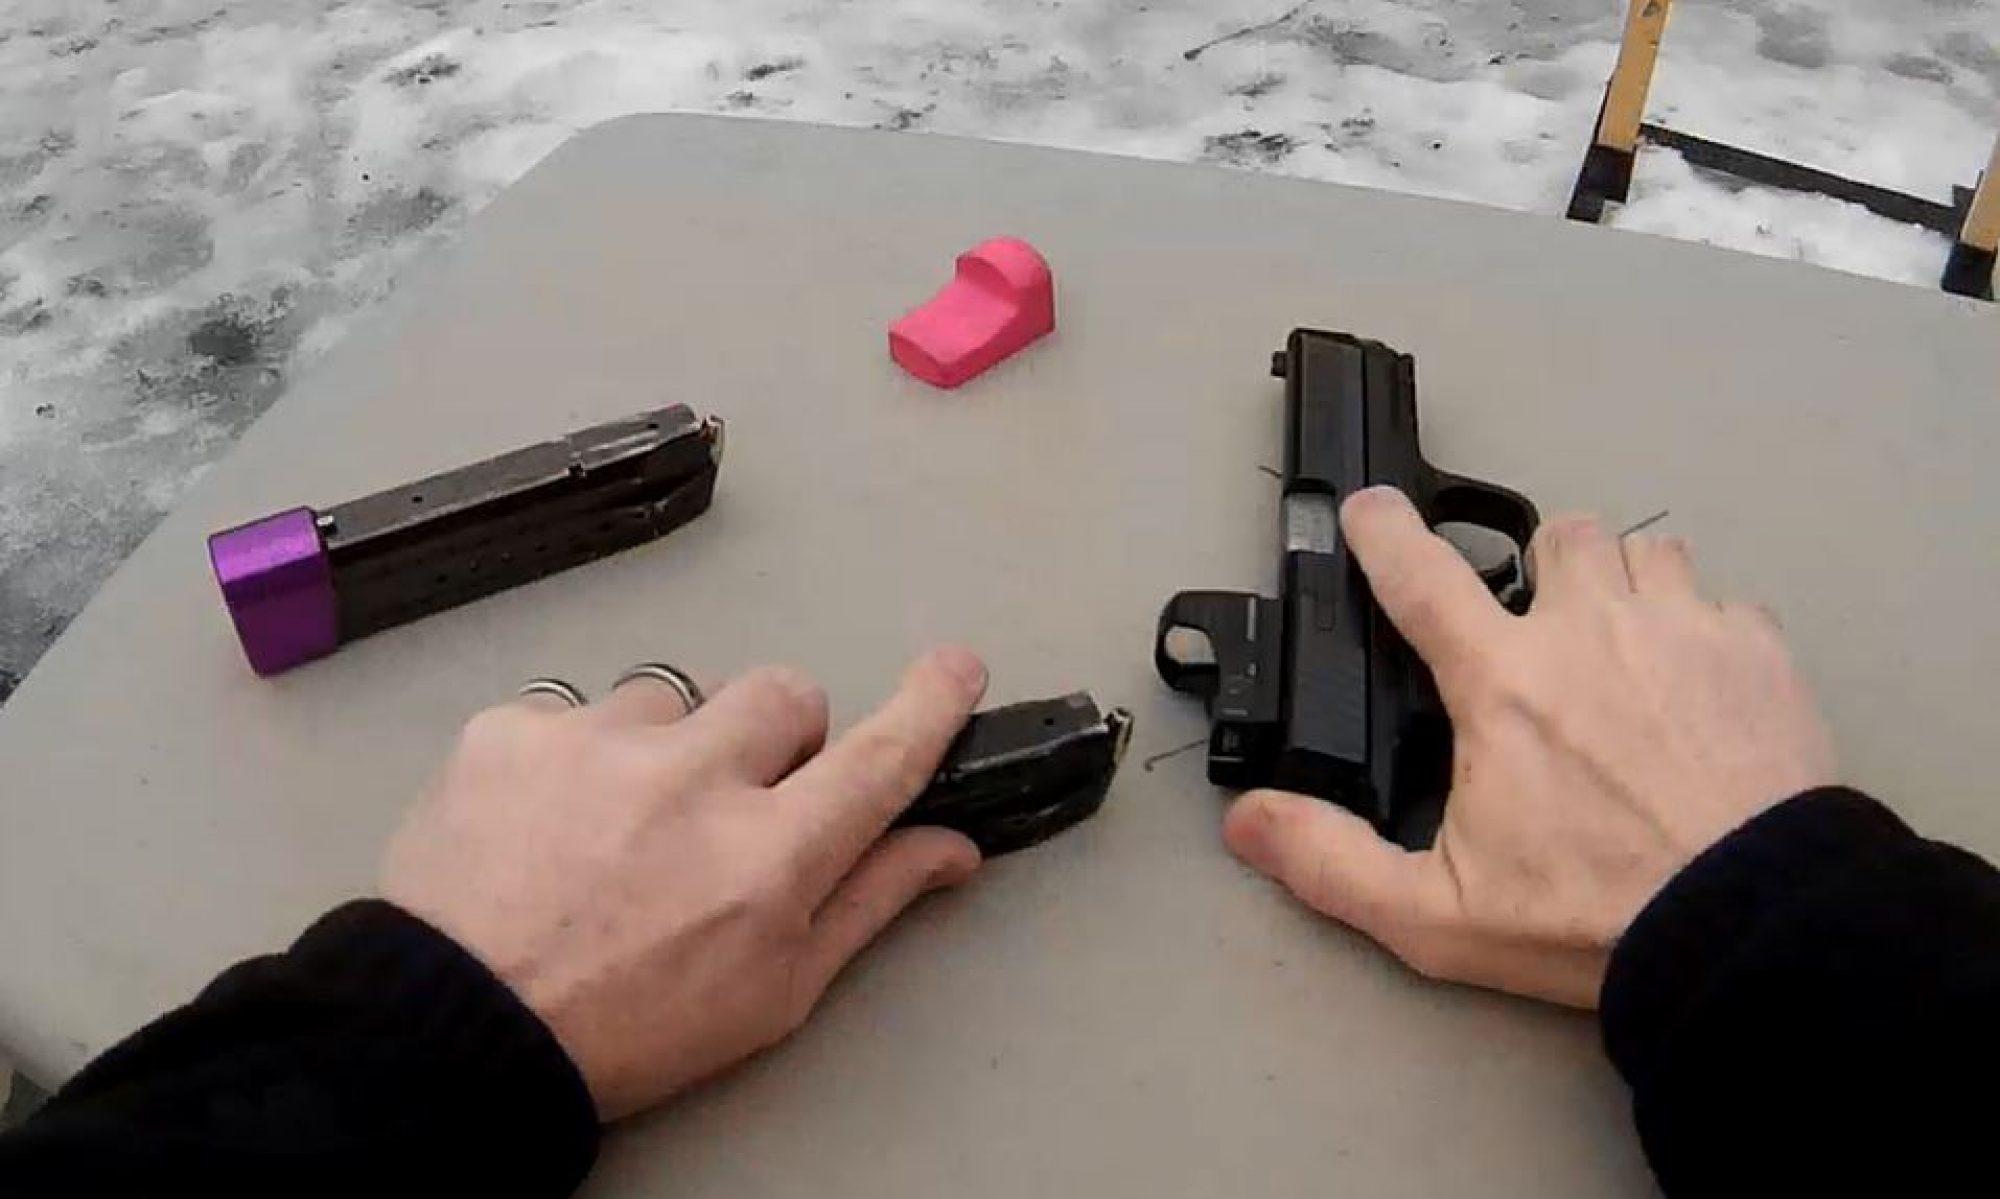 Firearms4u